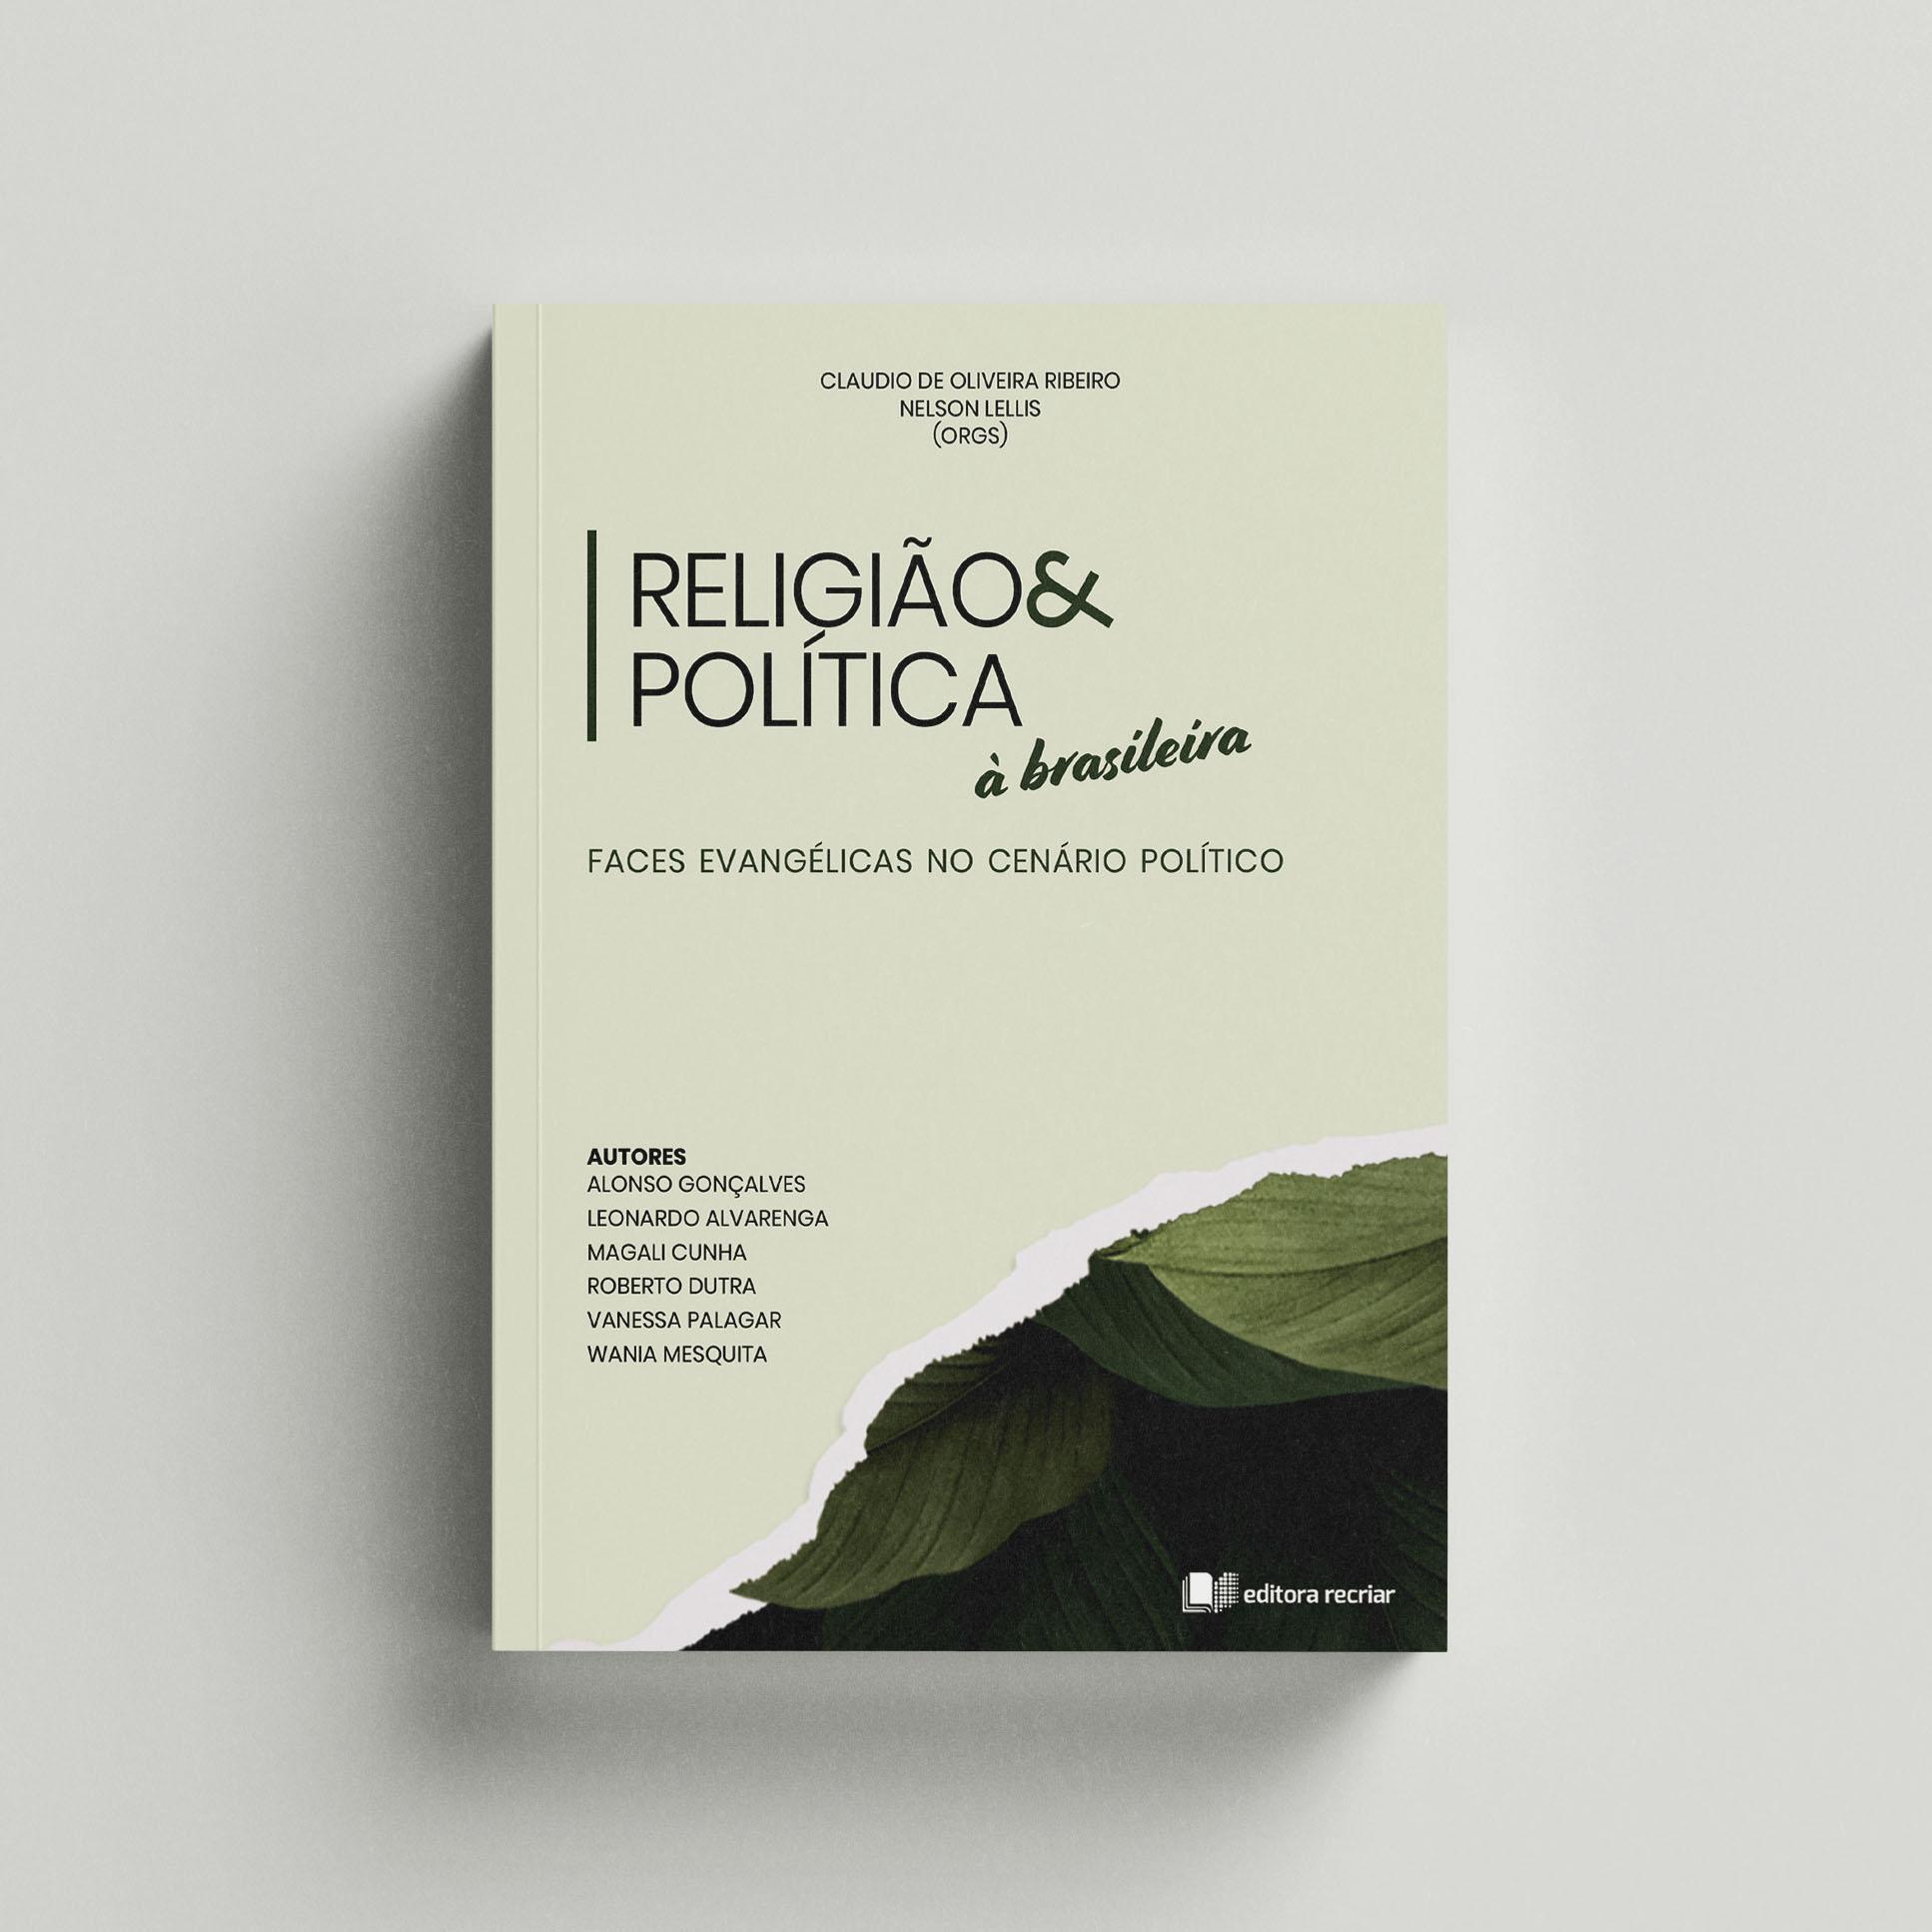 Religião & Política à brasileira - Claudio Ribeiro e Nelson Lellis